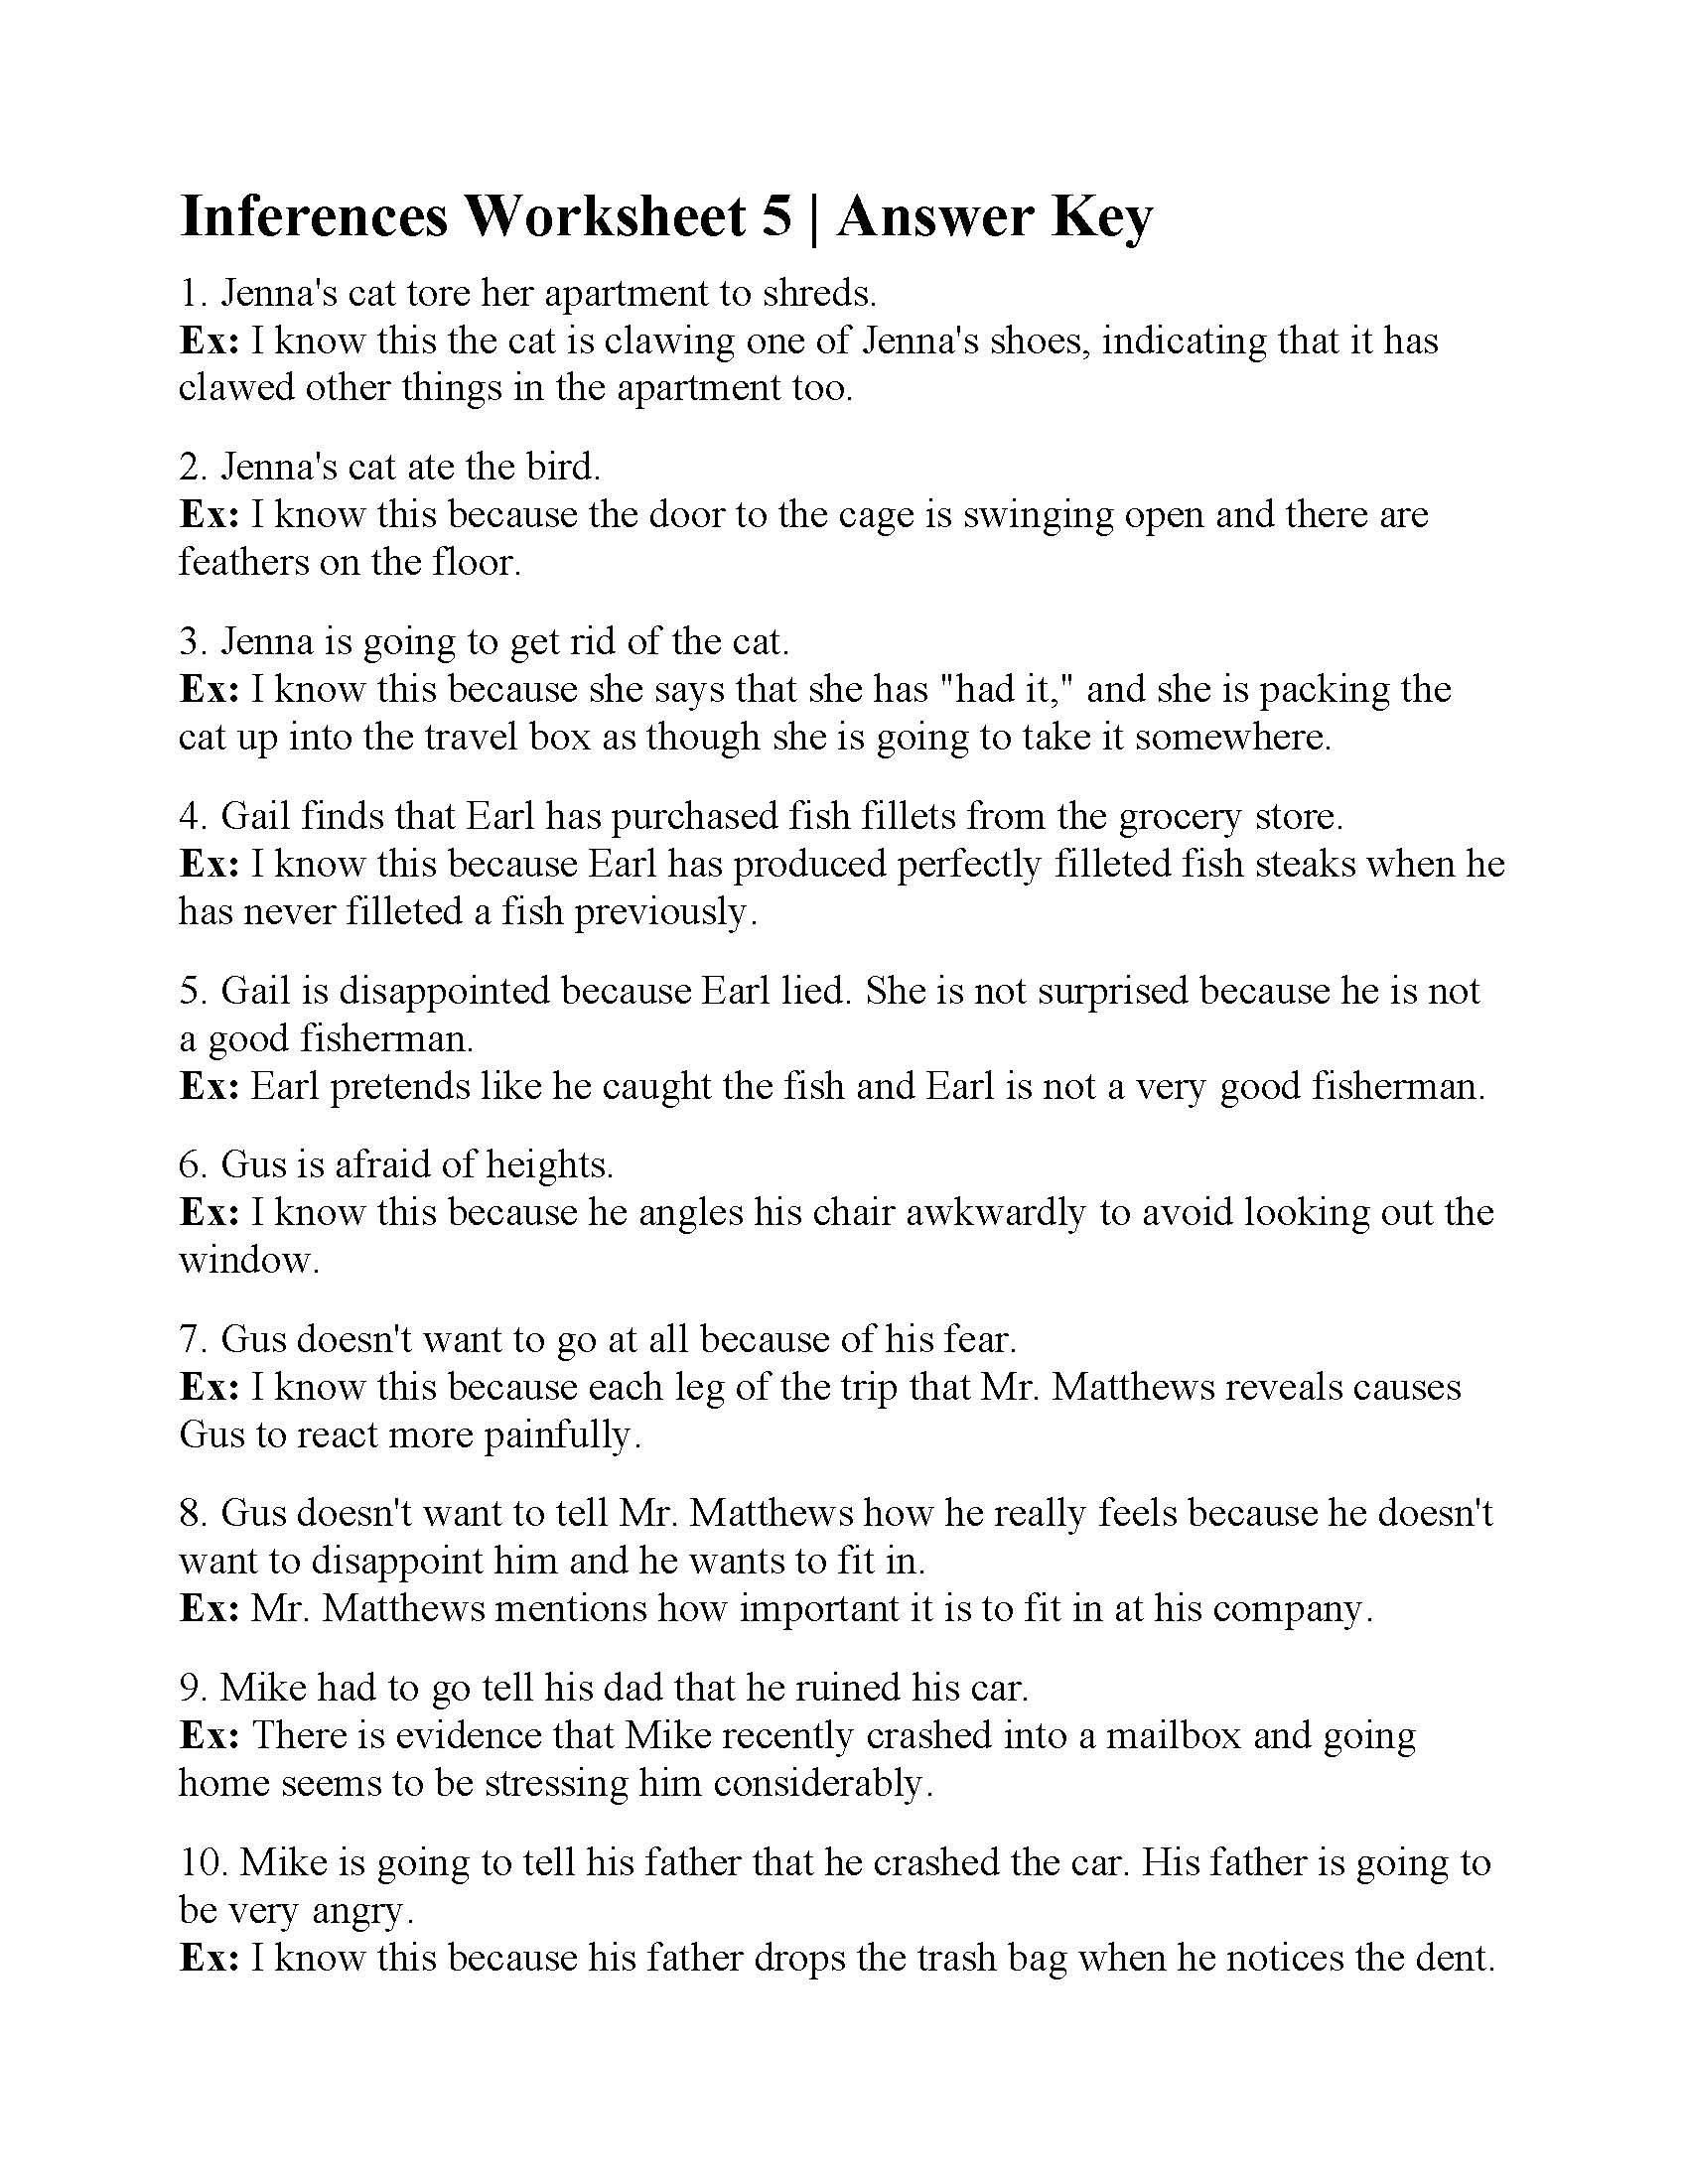 Inferencing Worksheets Grade 4 Inferences Worksheet 5